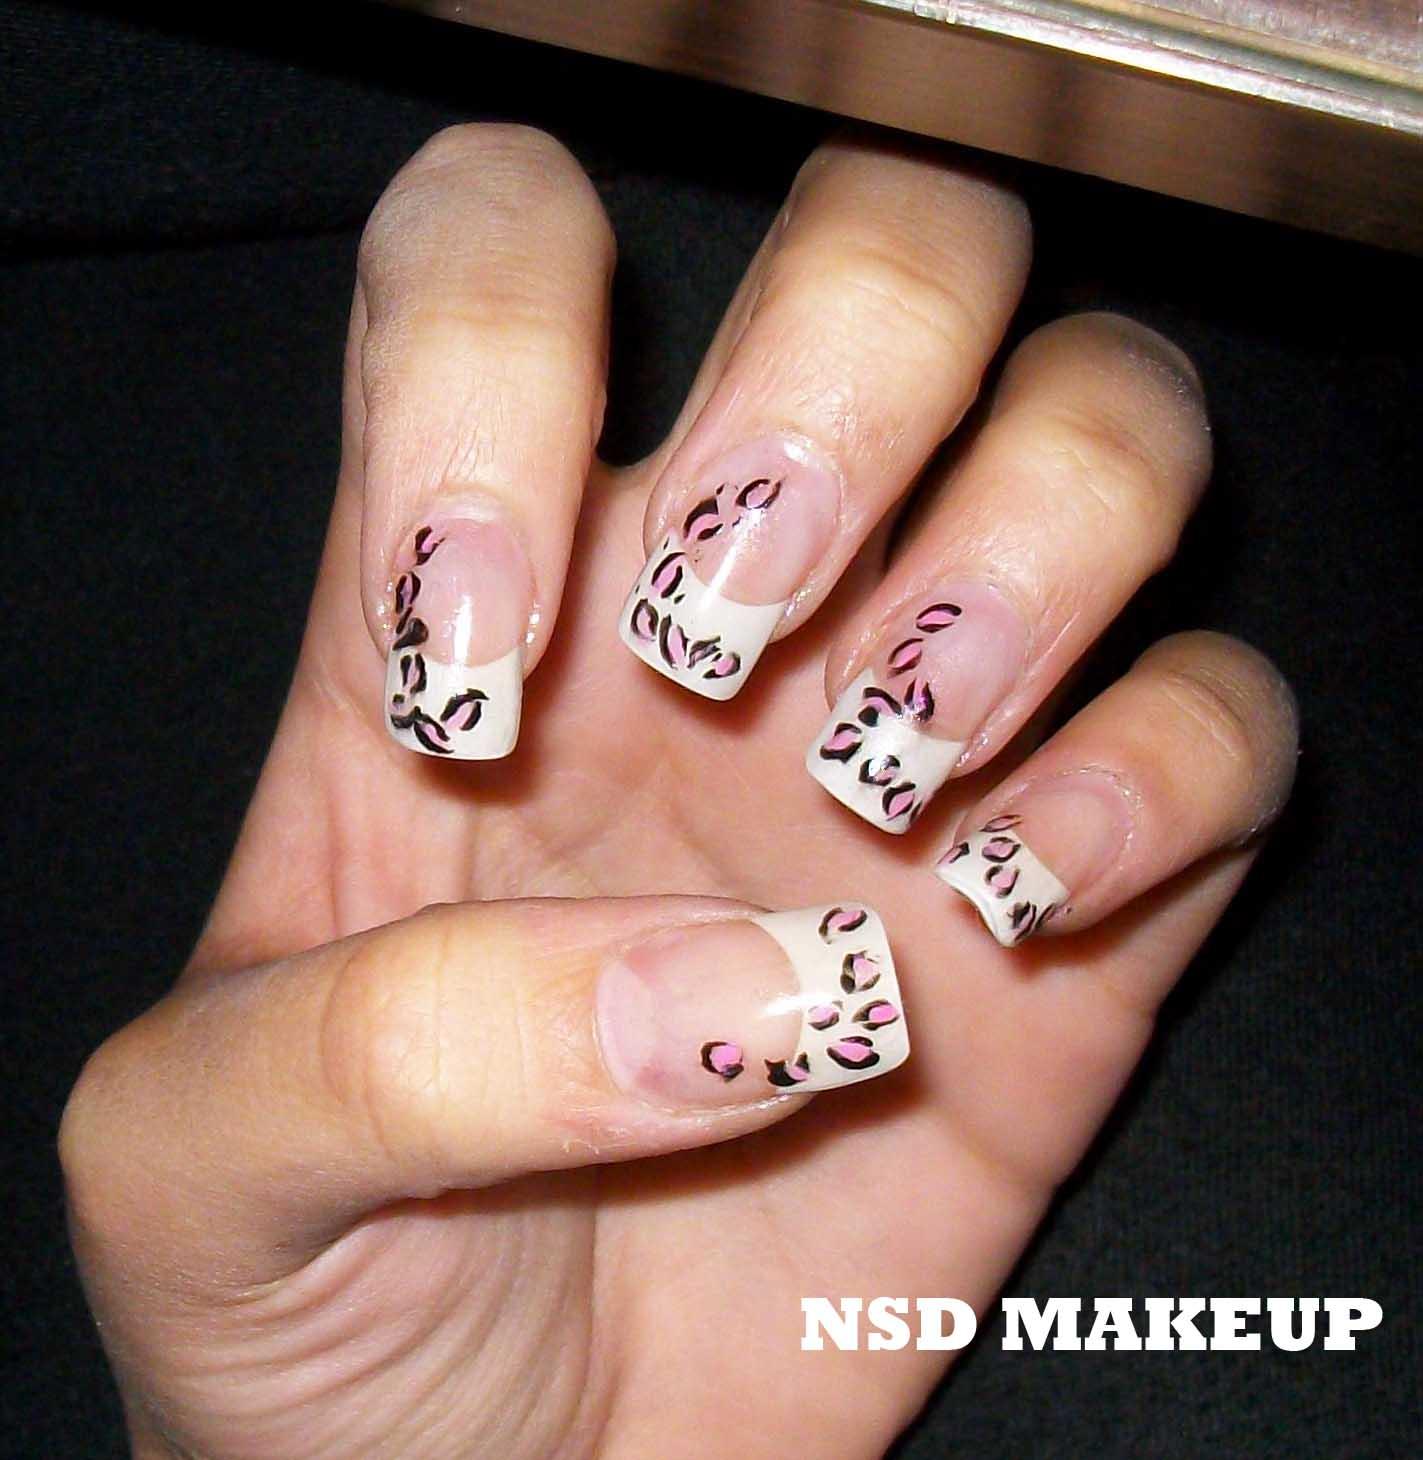 NSD Makeup Uas de porcelana VII